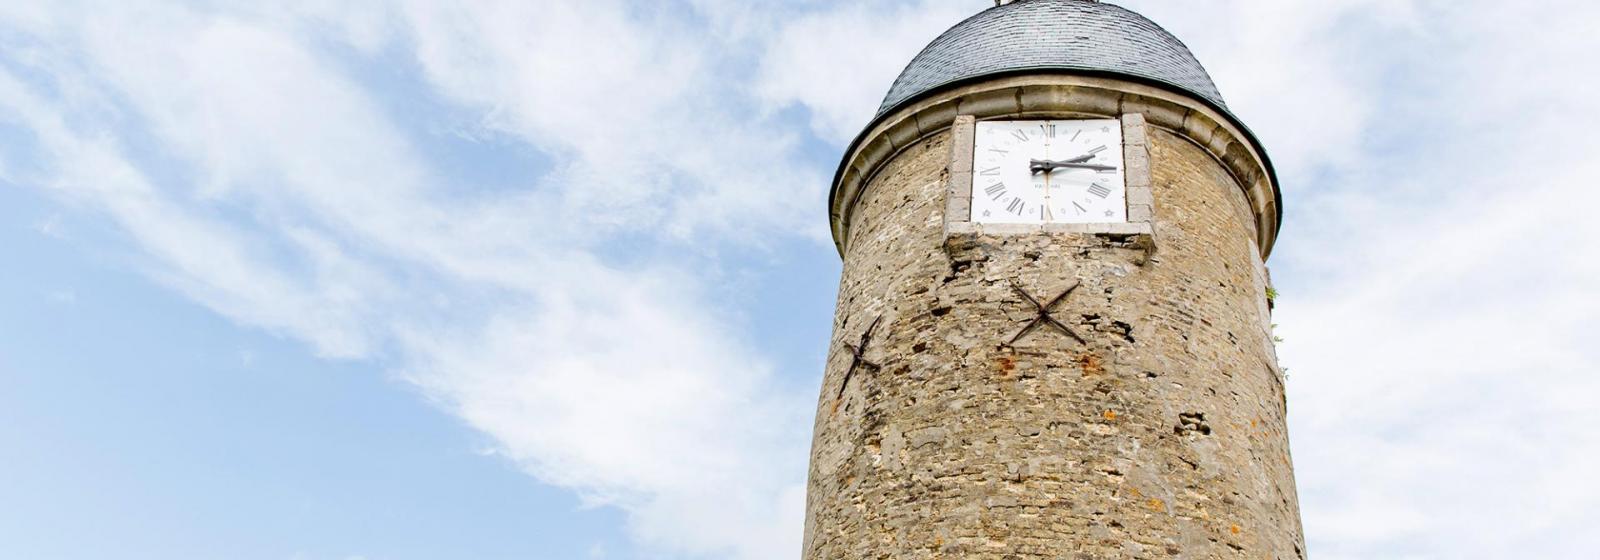 tour horloge guines